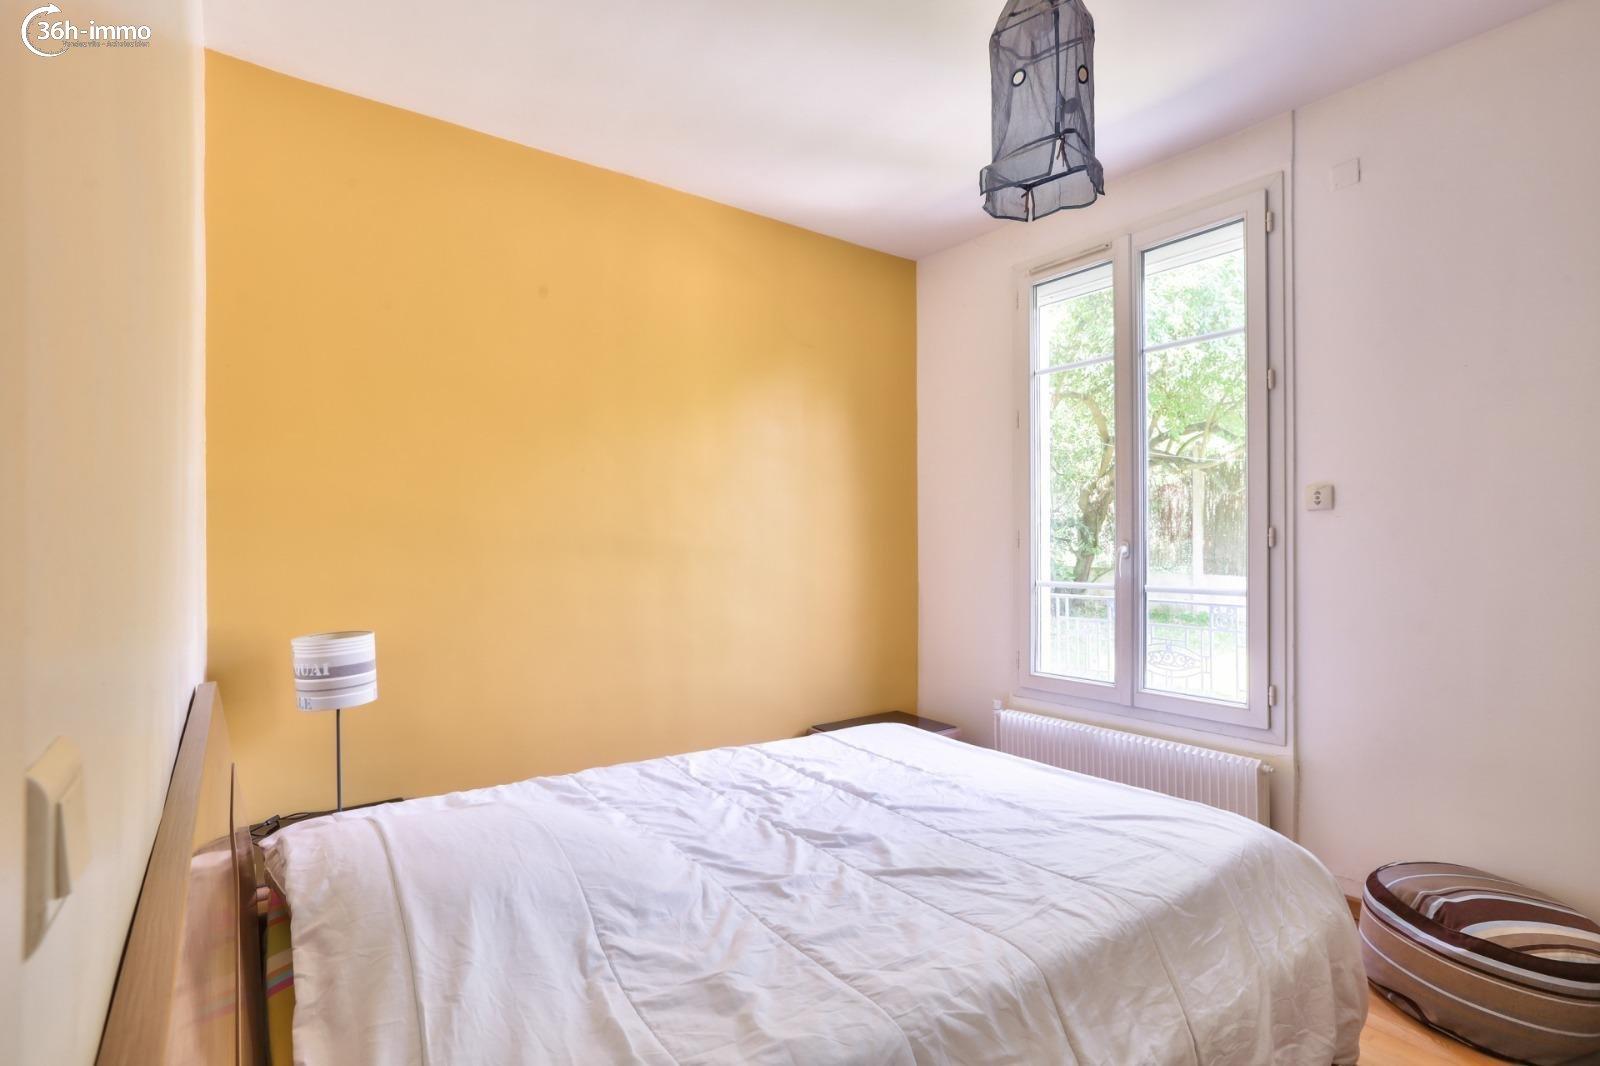 Maison Igny 91430 Essonne 105 m<sup>2</sup> 5 pièces 455000 euros